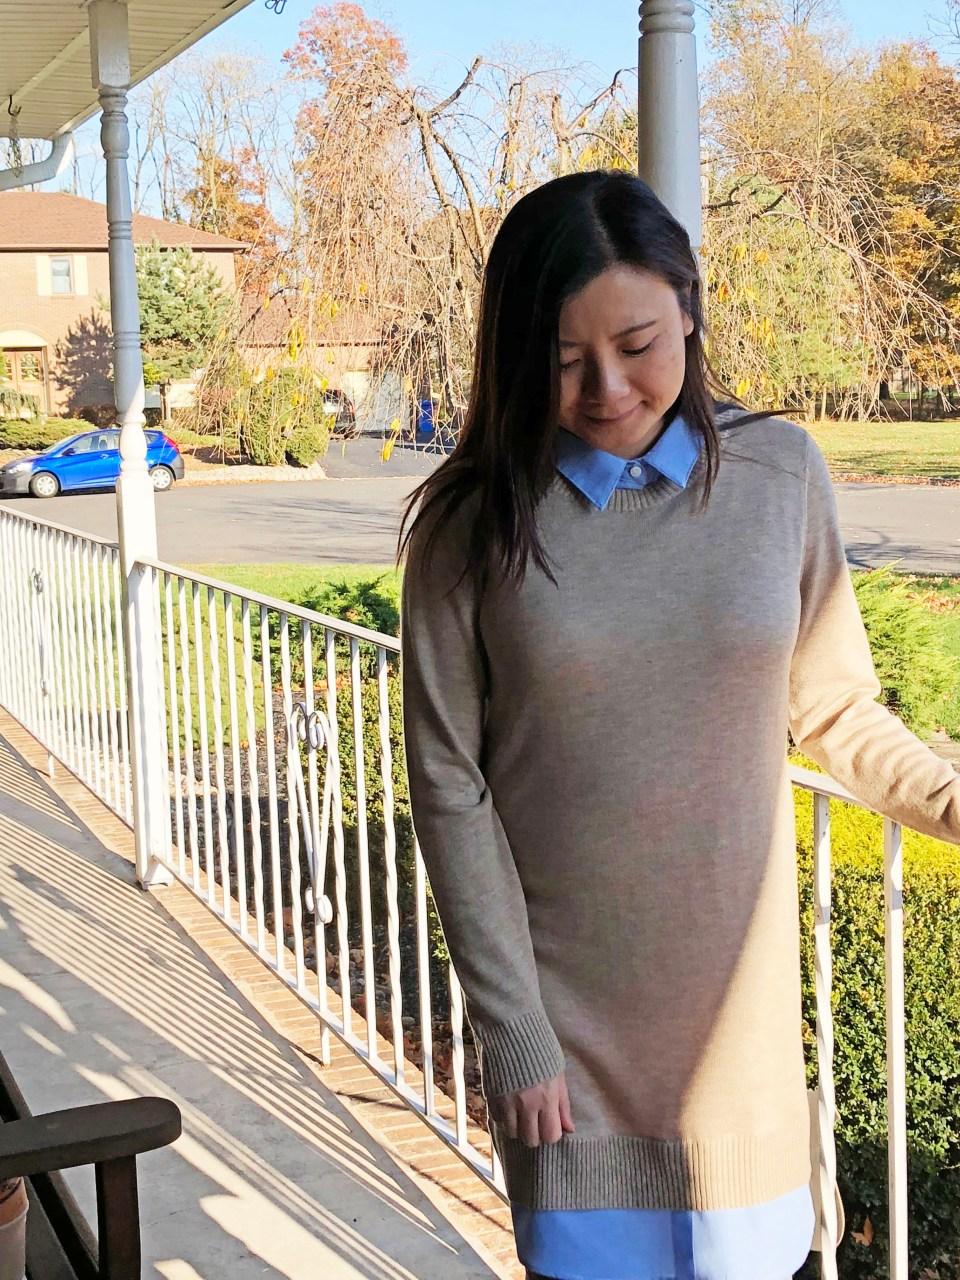 Oxford Blue Shirt Sweater Dress 12